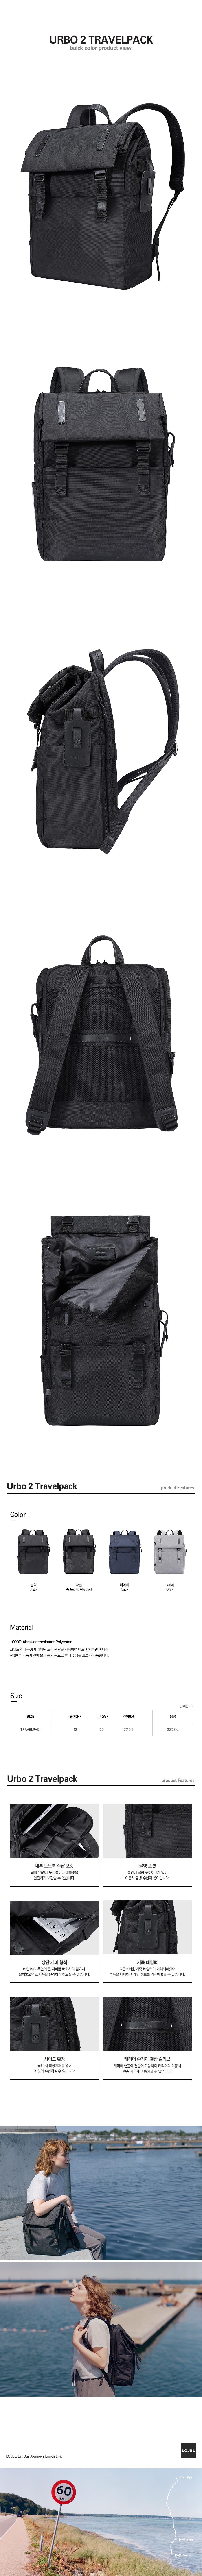 로젤 어보2 18LB01-1 트래블 백팩 - 블랙 - 로젤, 170,000원, 배낭, 남성배낭